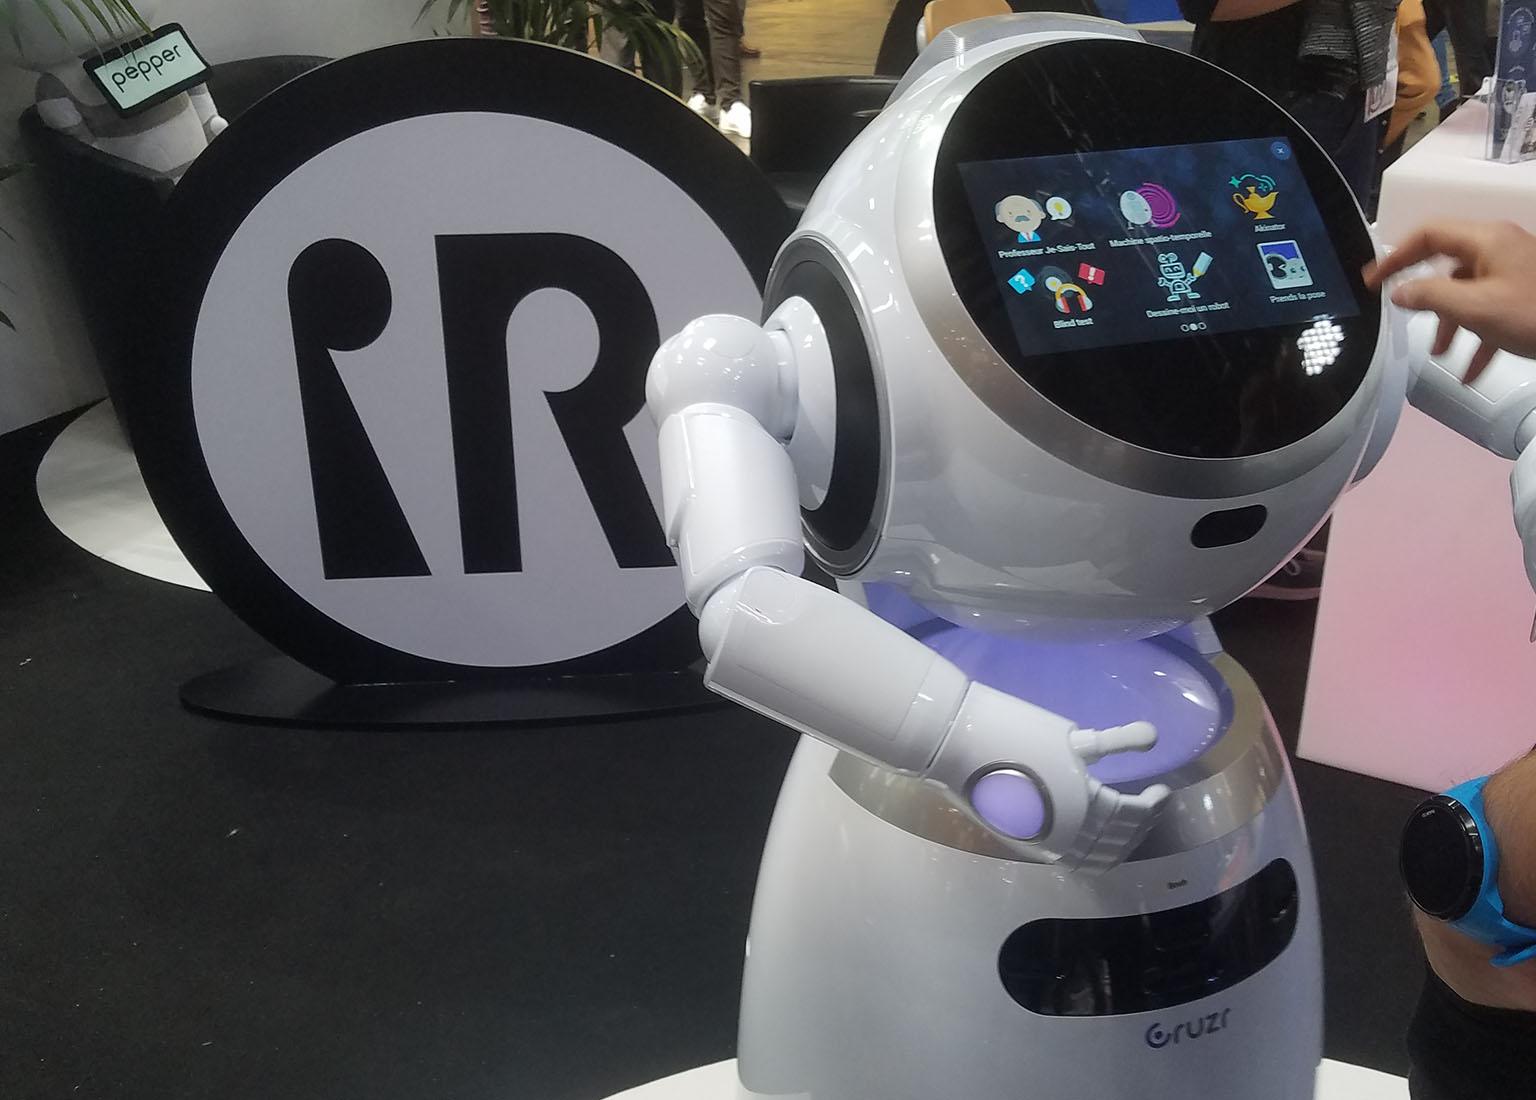 ubtech robot cruzr vivatech